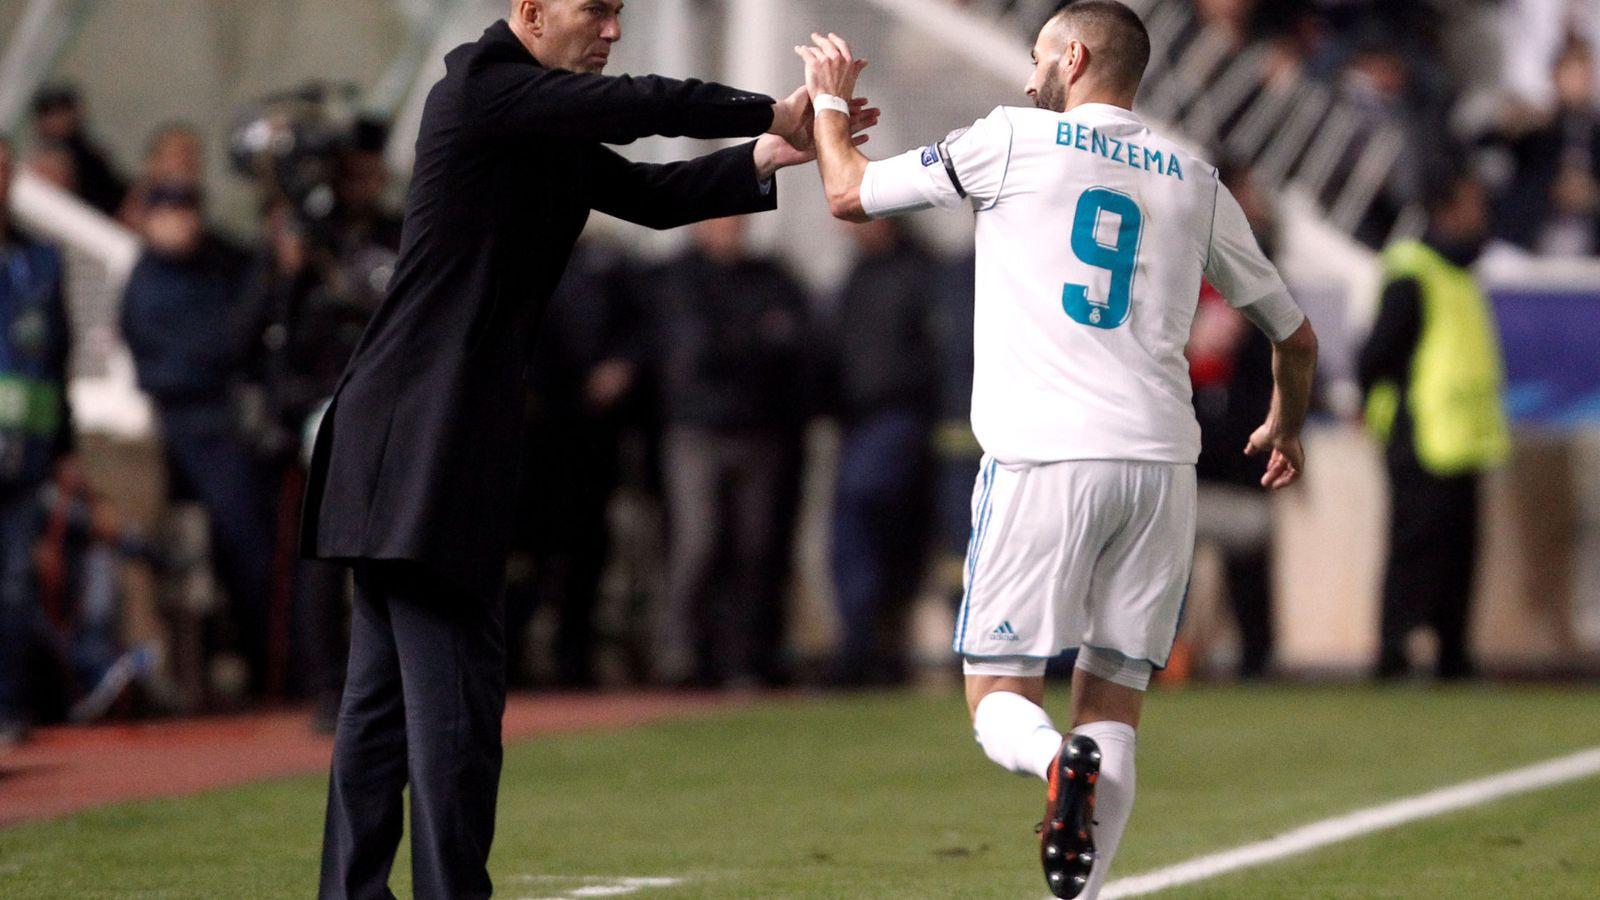 Foto: Zidane y Benzema en un partido de Champions. (Reuters)